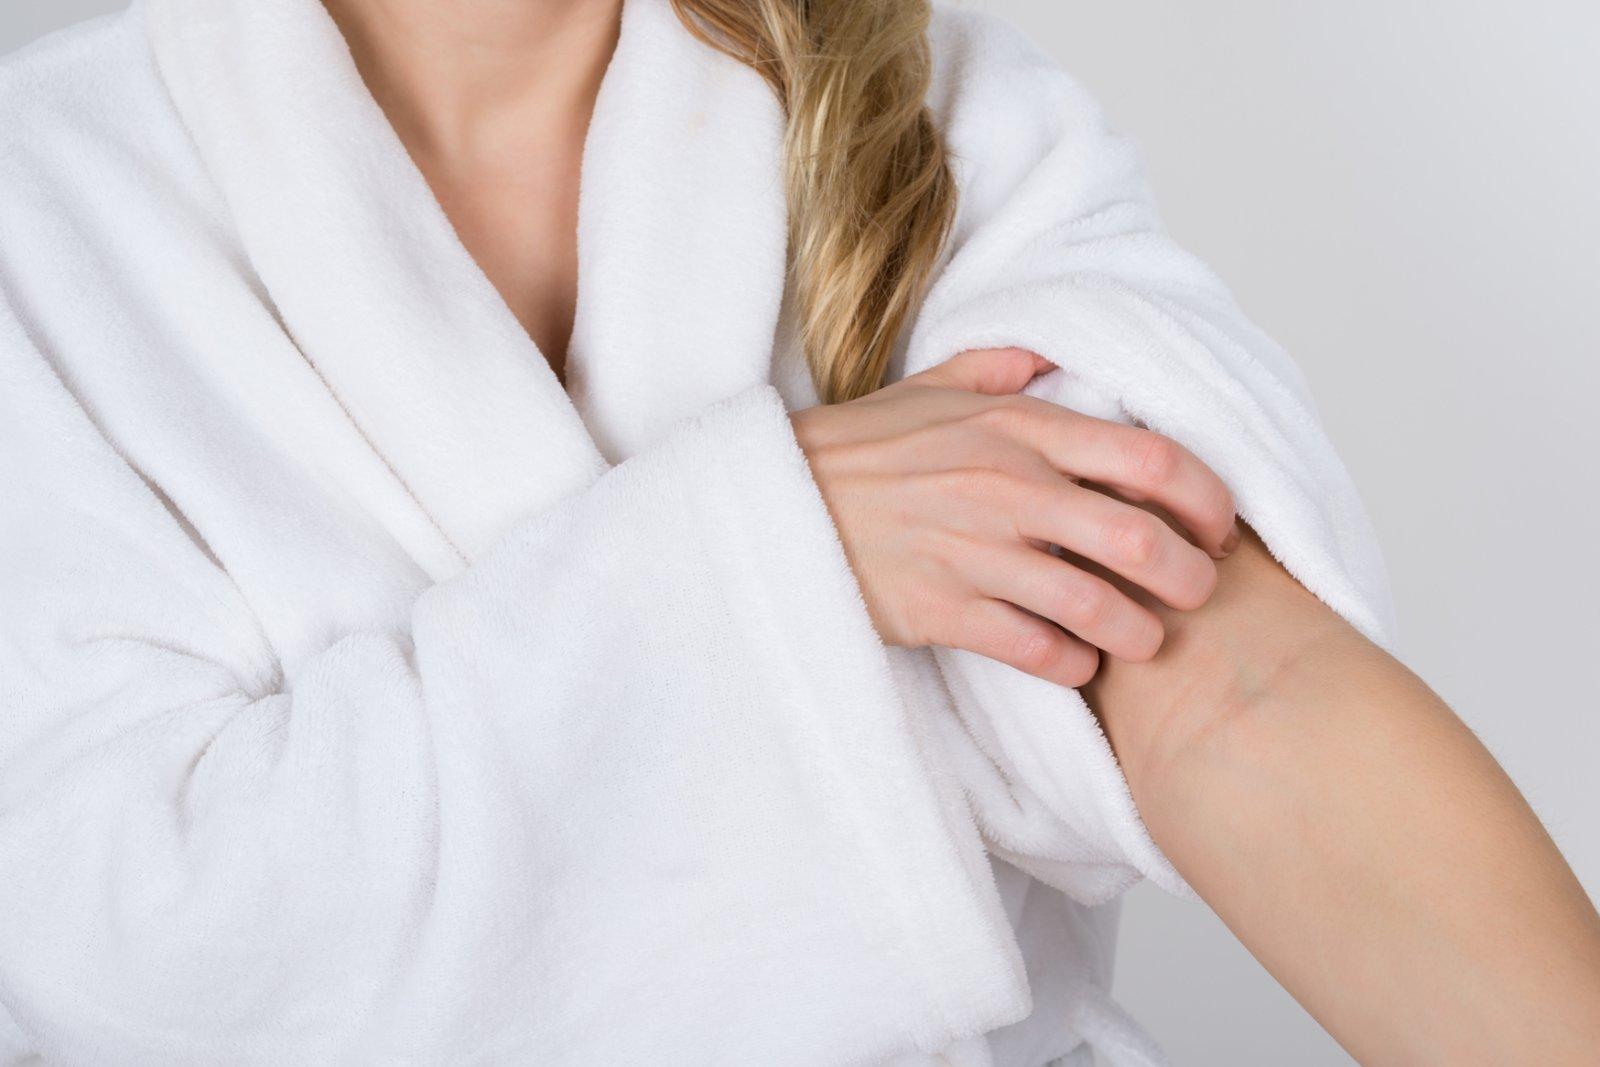 Sumptomid Kaalulangus sugelev nahk Phentermiini kaalulangus 1 kuu